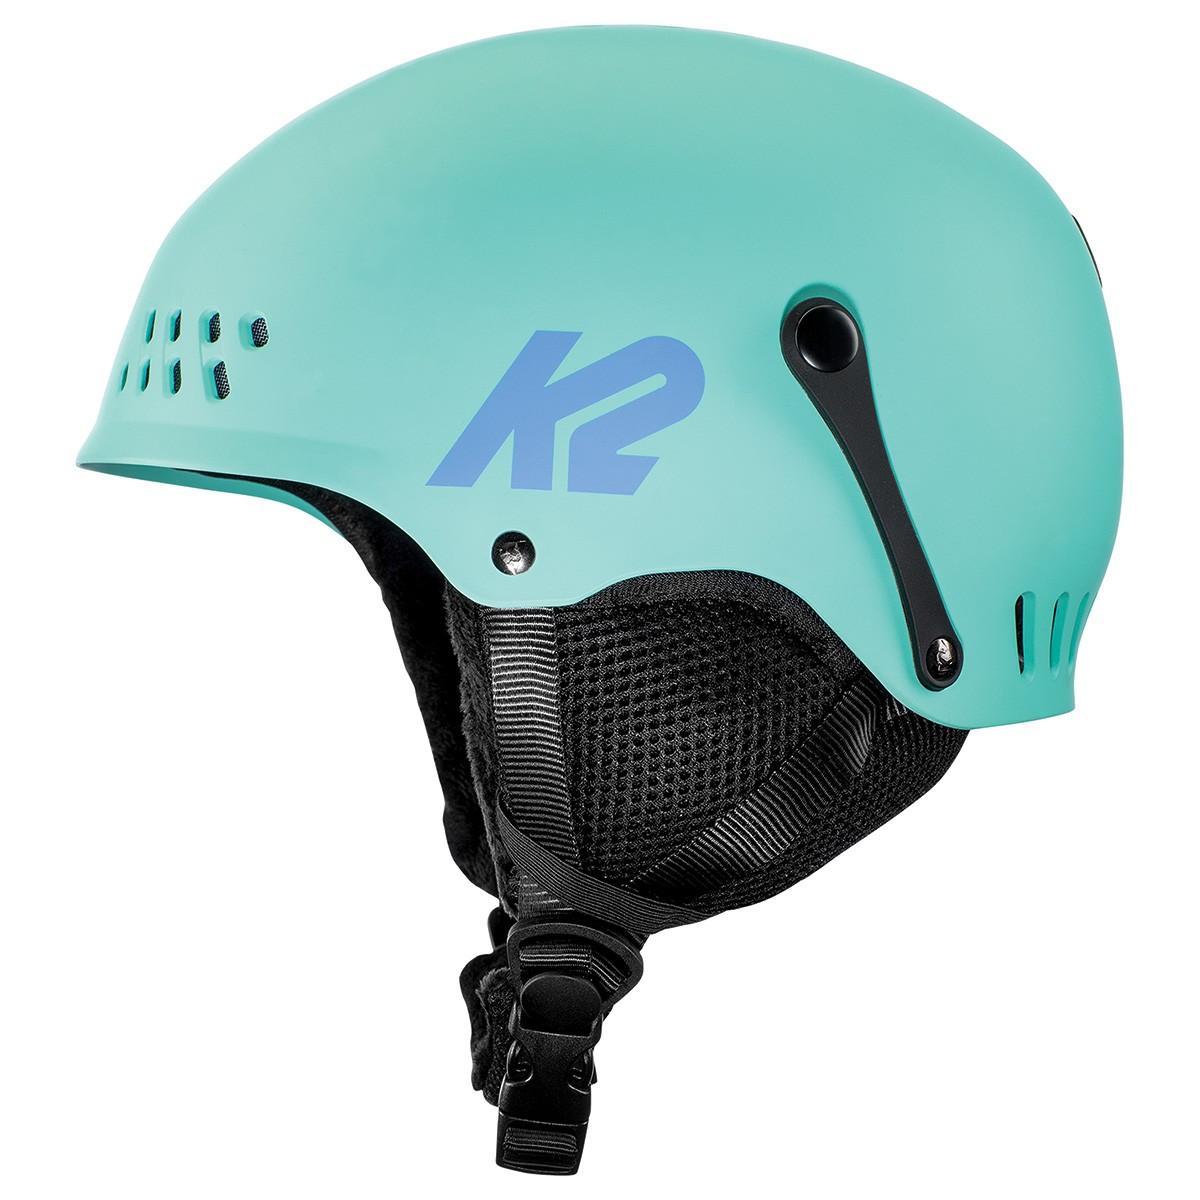 Casco snowboard K2 Entity (Colore: verde acqua, Taglia: 51/55)